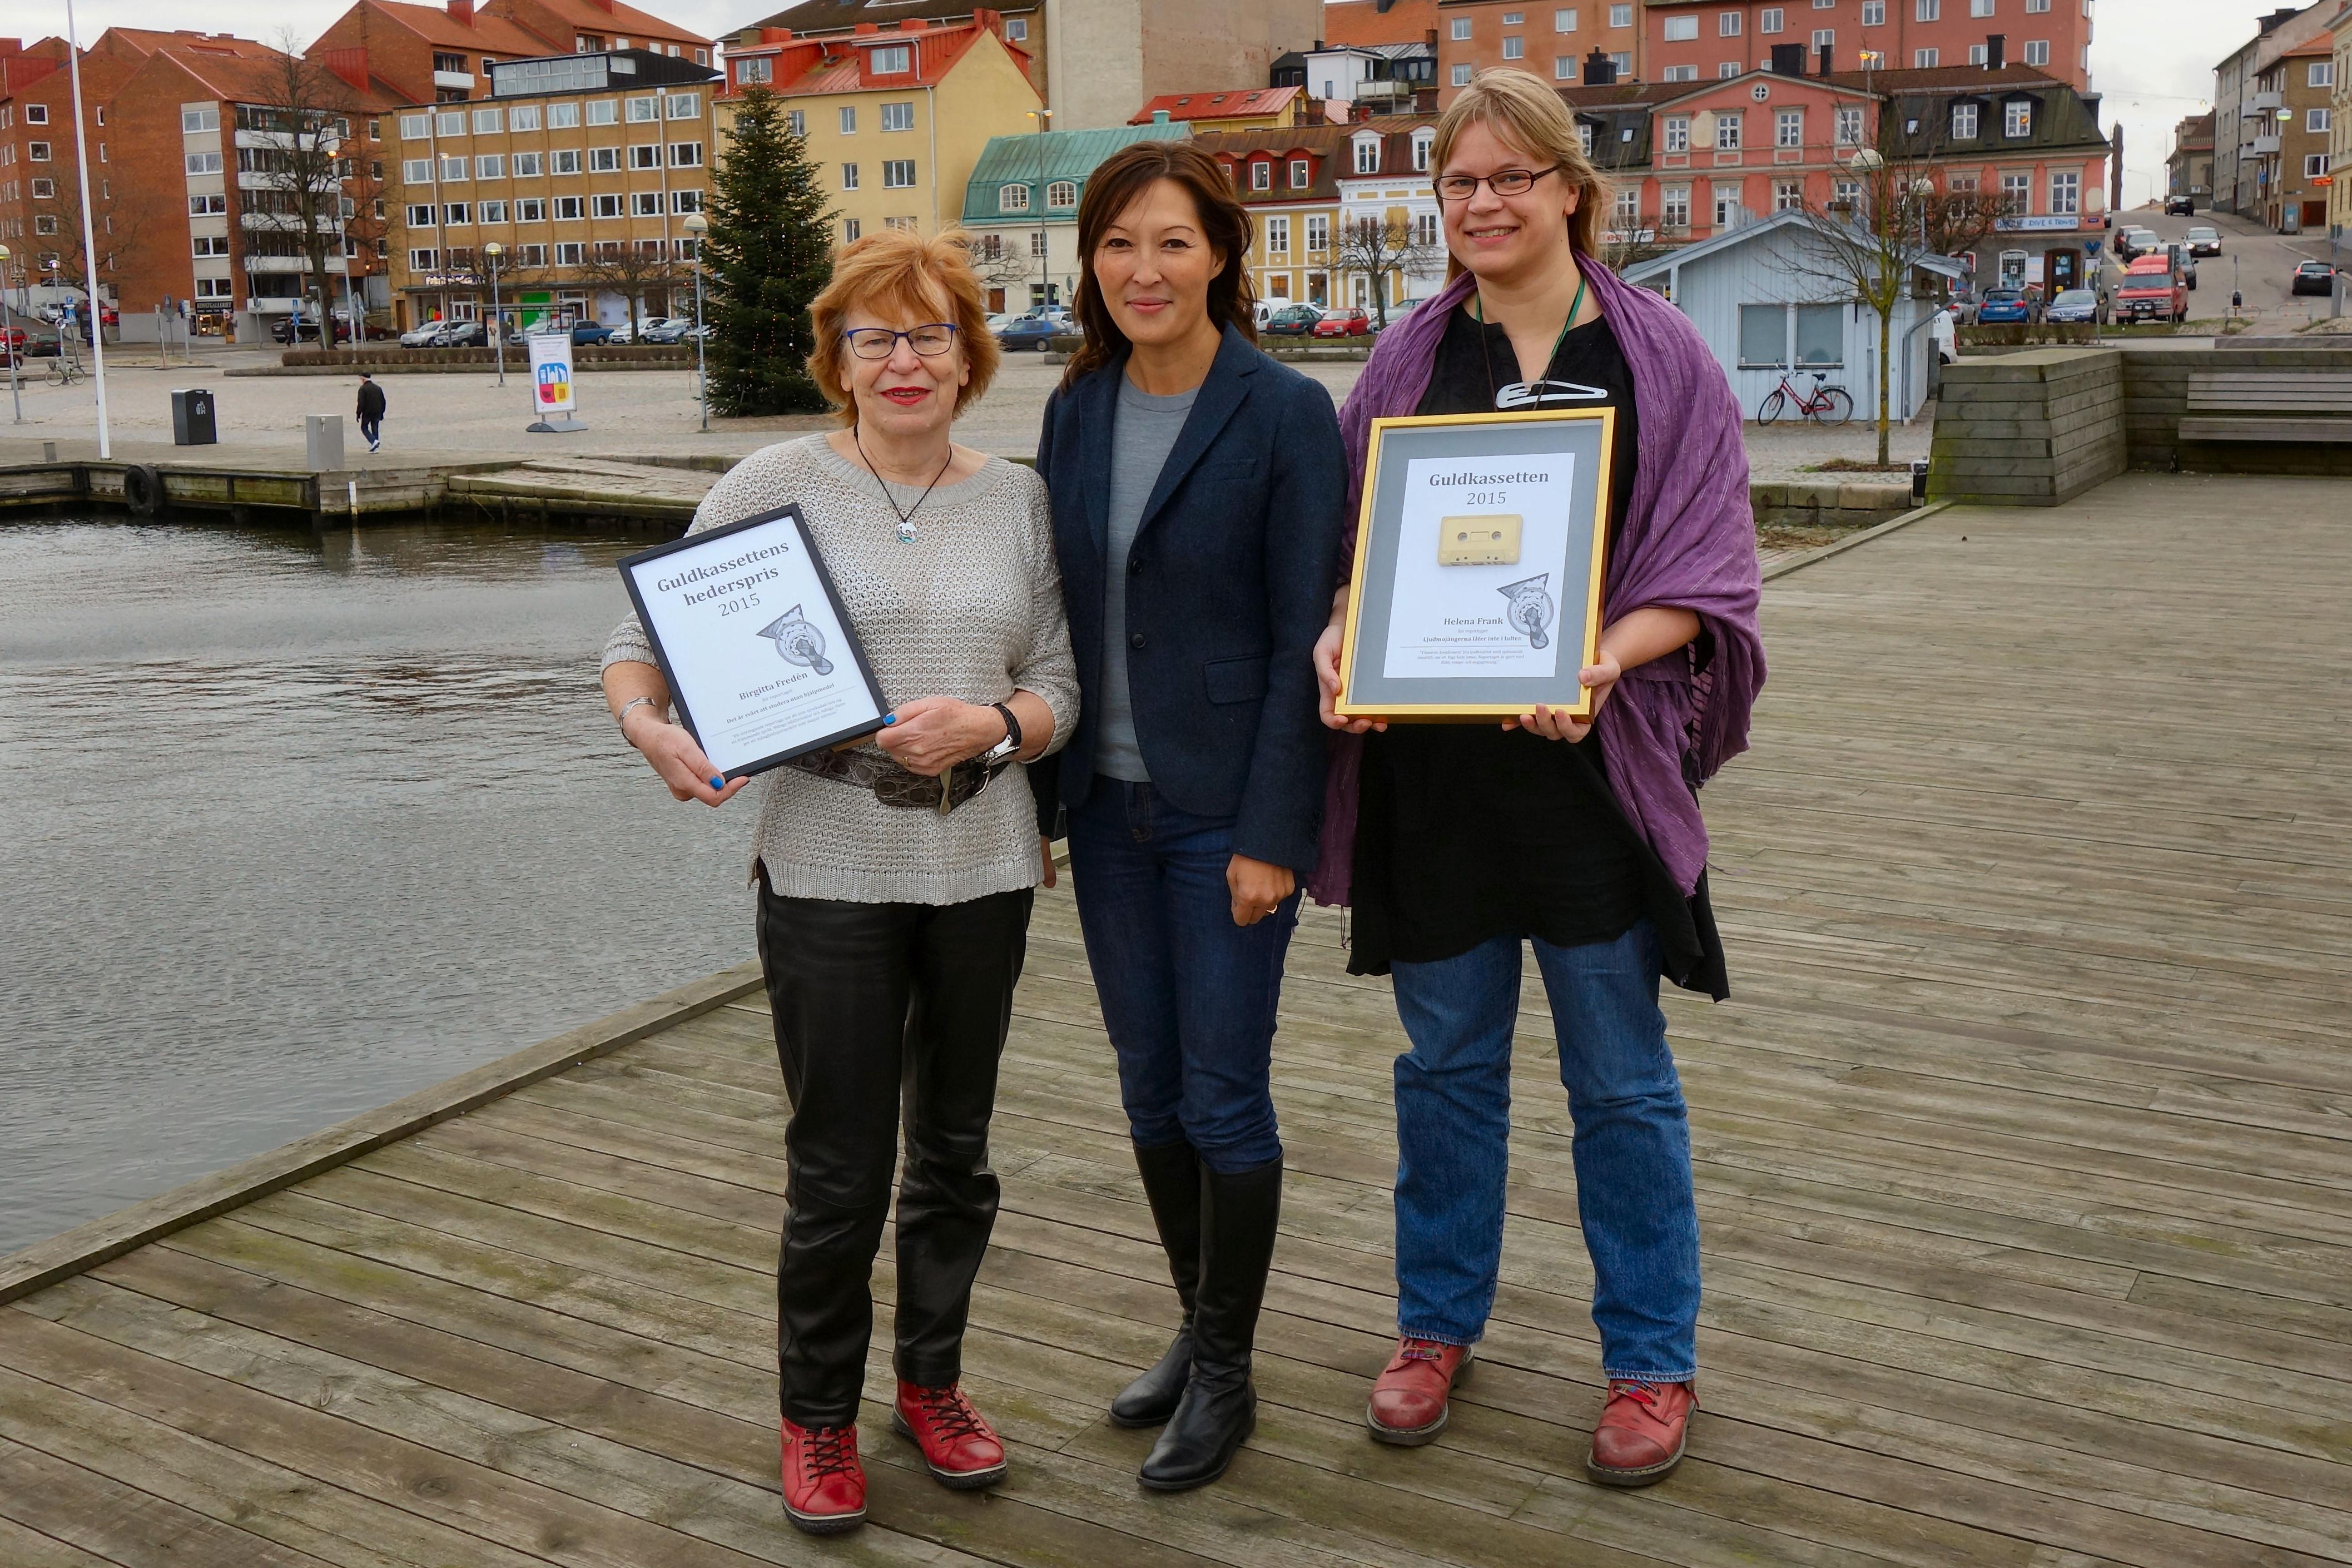 Syntolkning: Från vänster till höger: Birgitta Fredén, Lena Sundström, Helena Frank. De står på kajkanten. Birgitta och Helena håller i varsin pristavla.